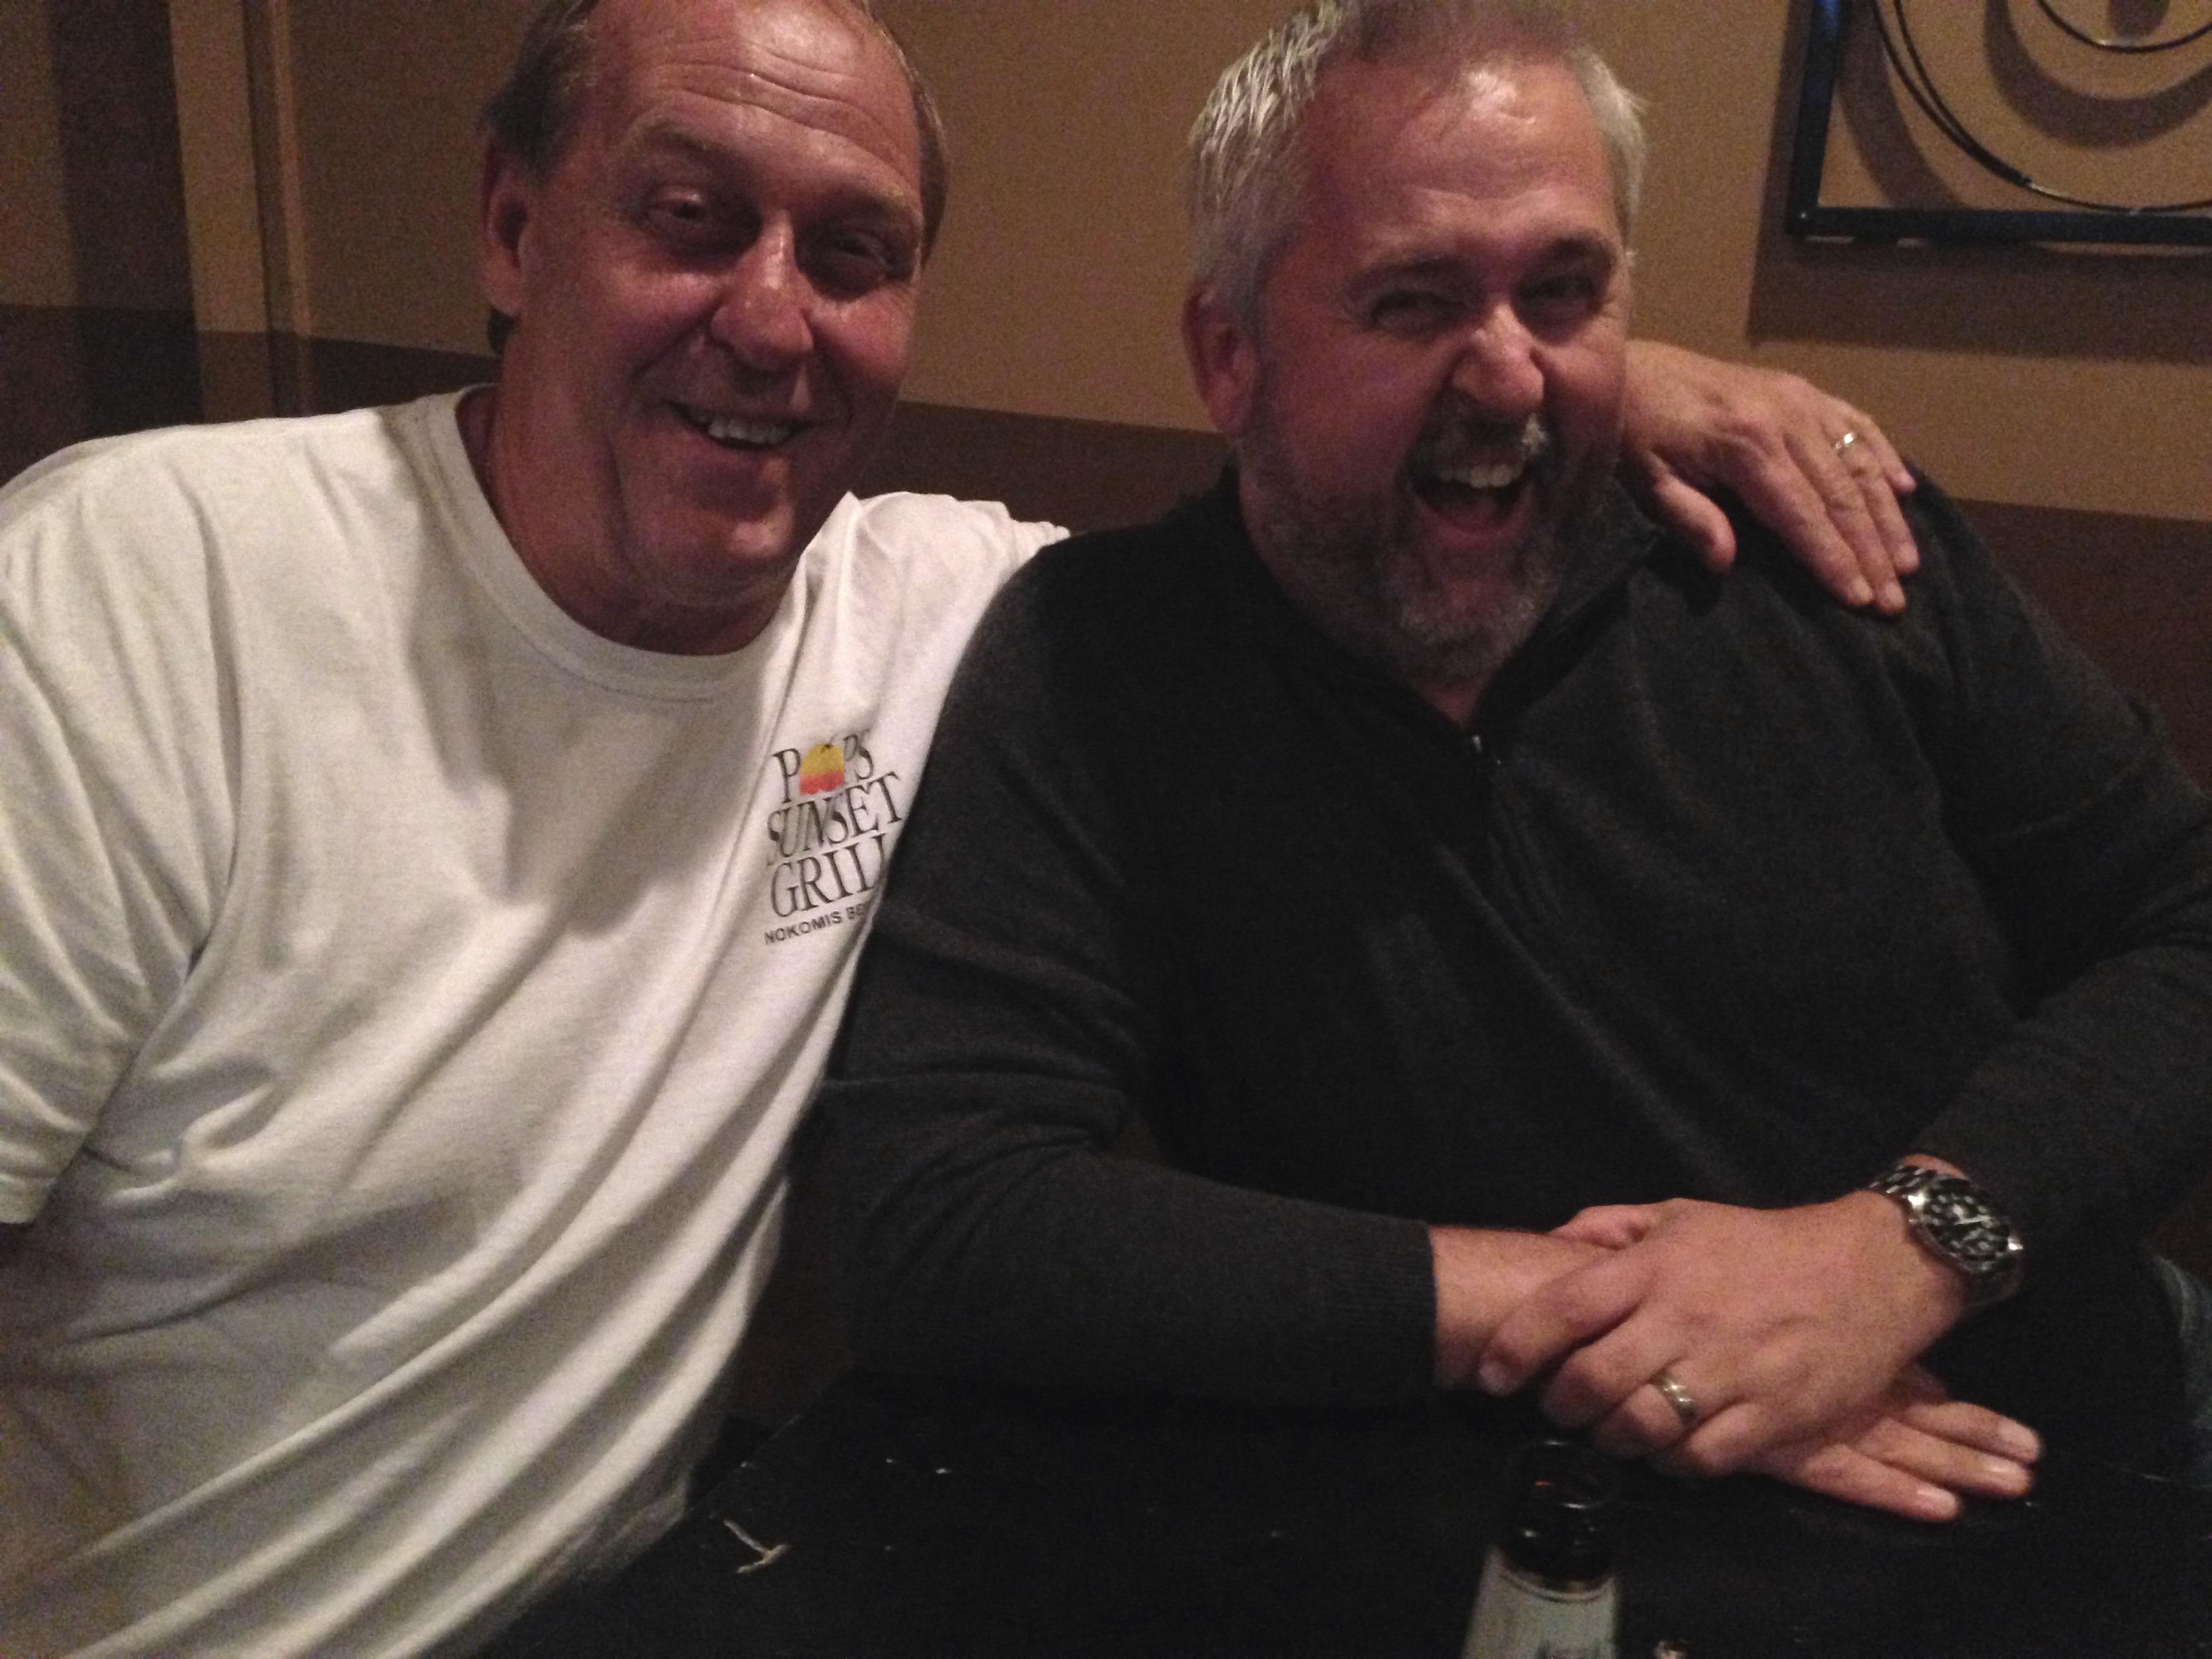 IMG: Keith and John